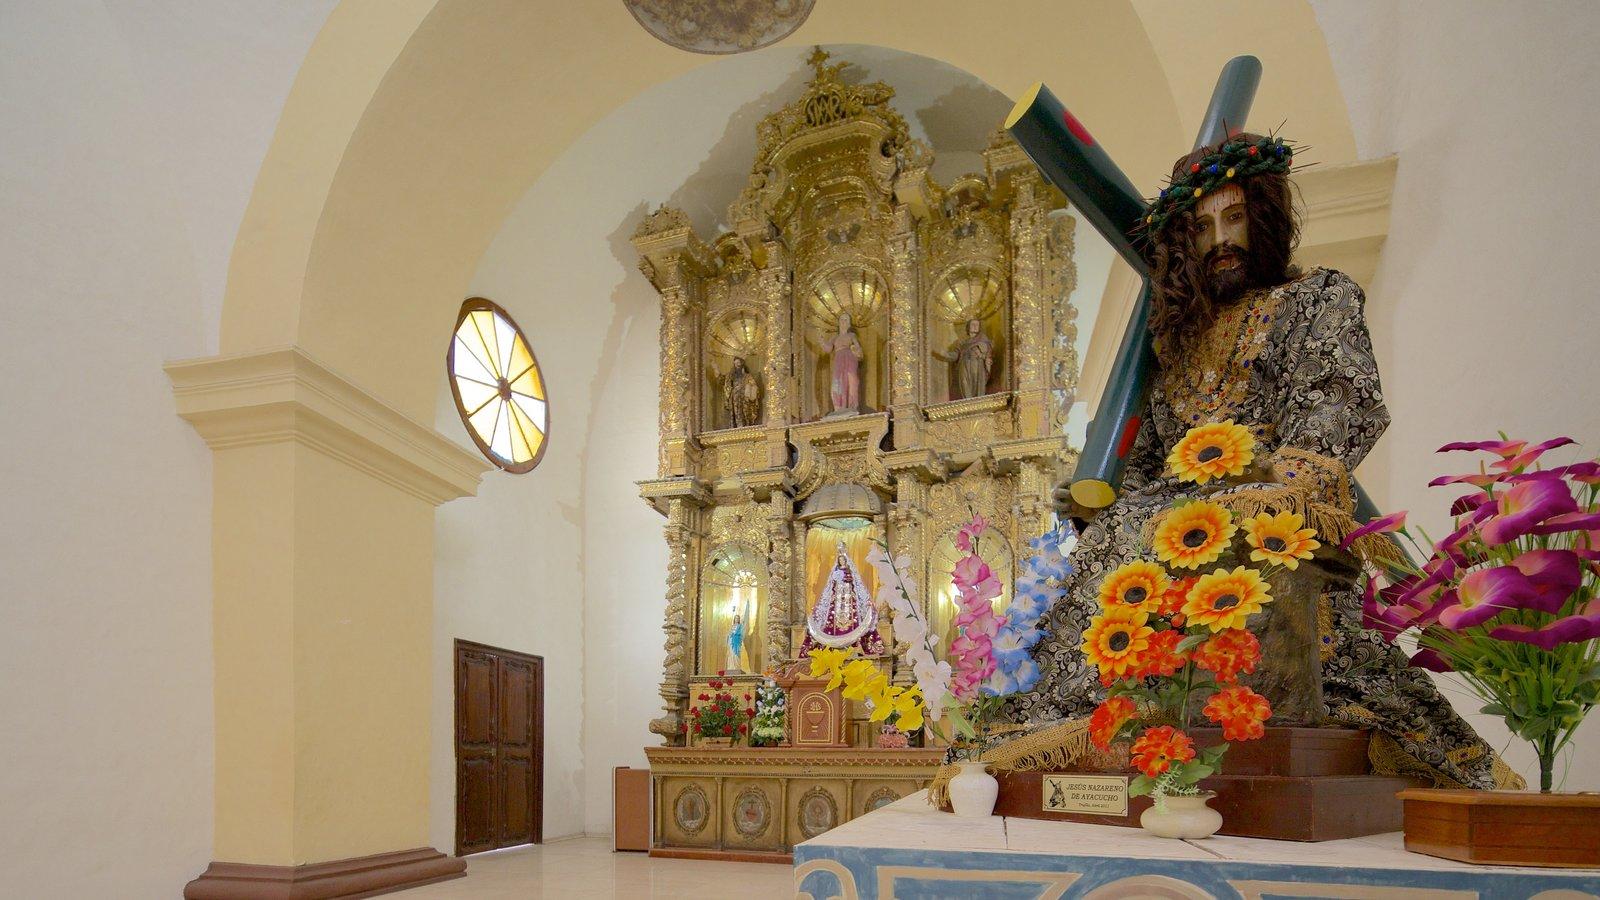 Catedral de Trujillo caracterizando aspectos religiosos, vistas internas e uma igreja ou catedral